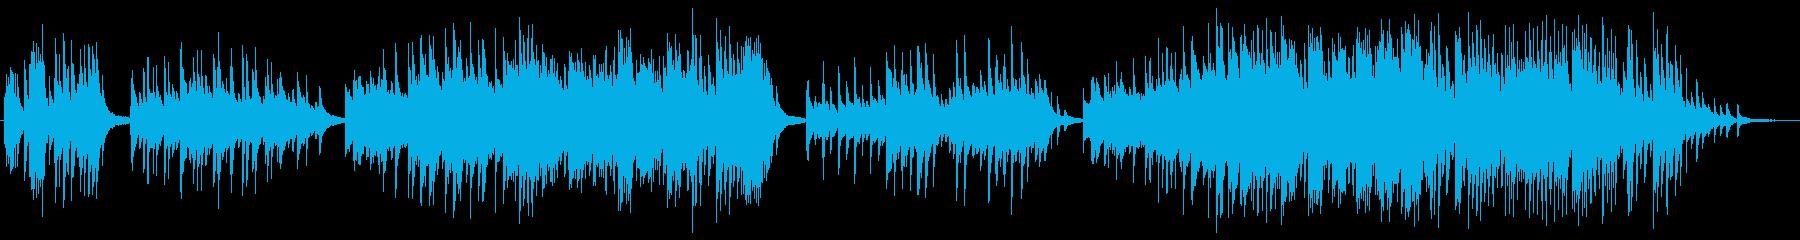 幻想的でメロディアスなピアノソロの再生済みの波形